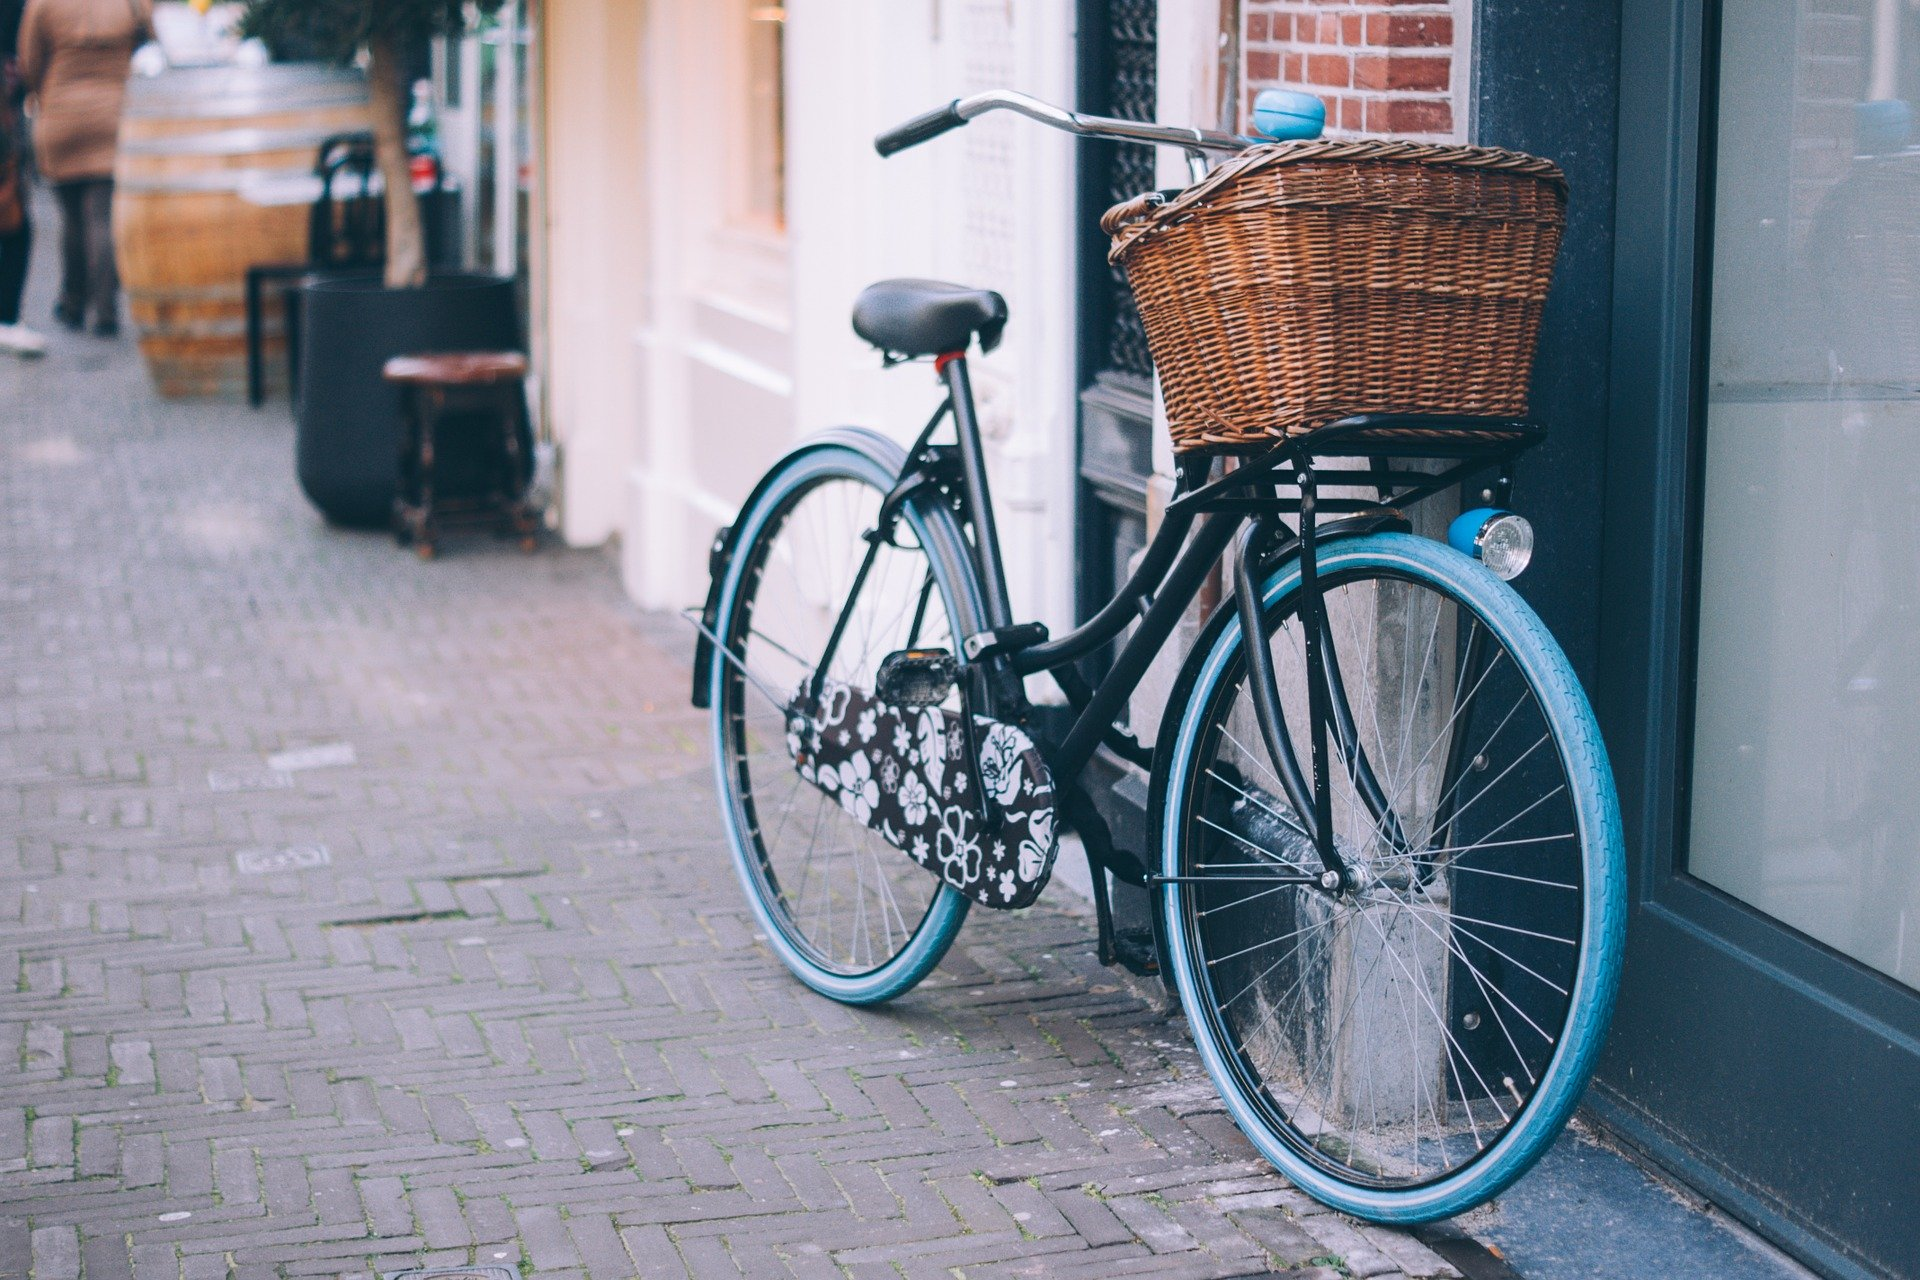 Fahrrad mit blauen Reifen und einem Korb steht an einer Hauswand